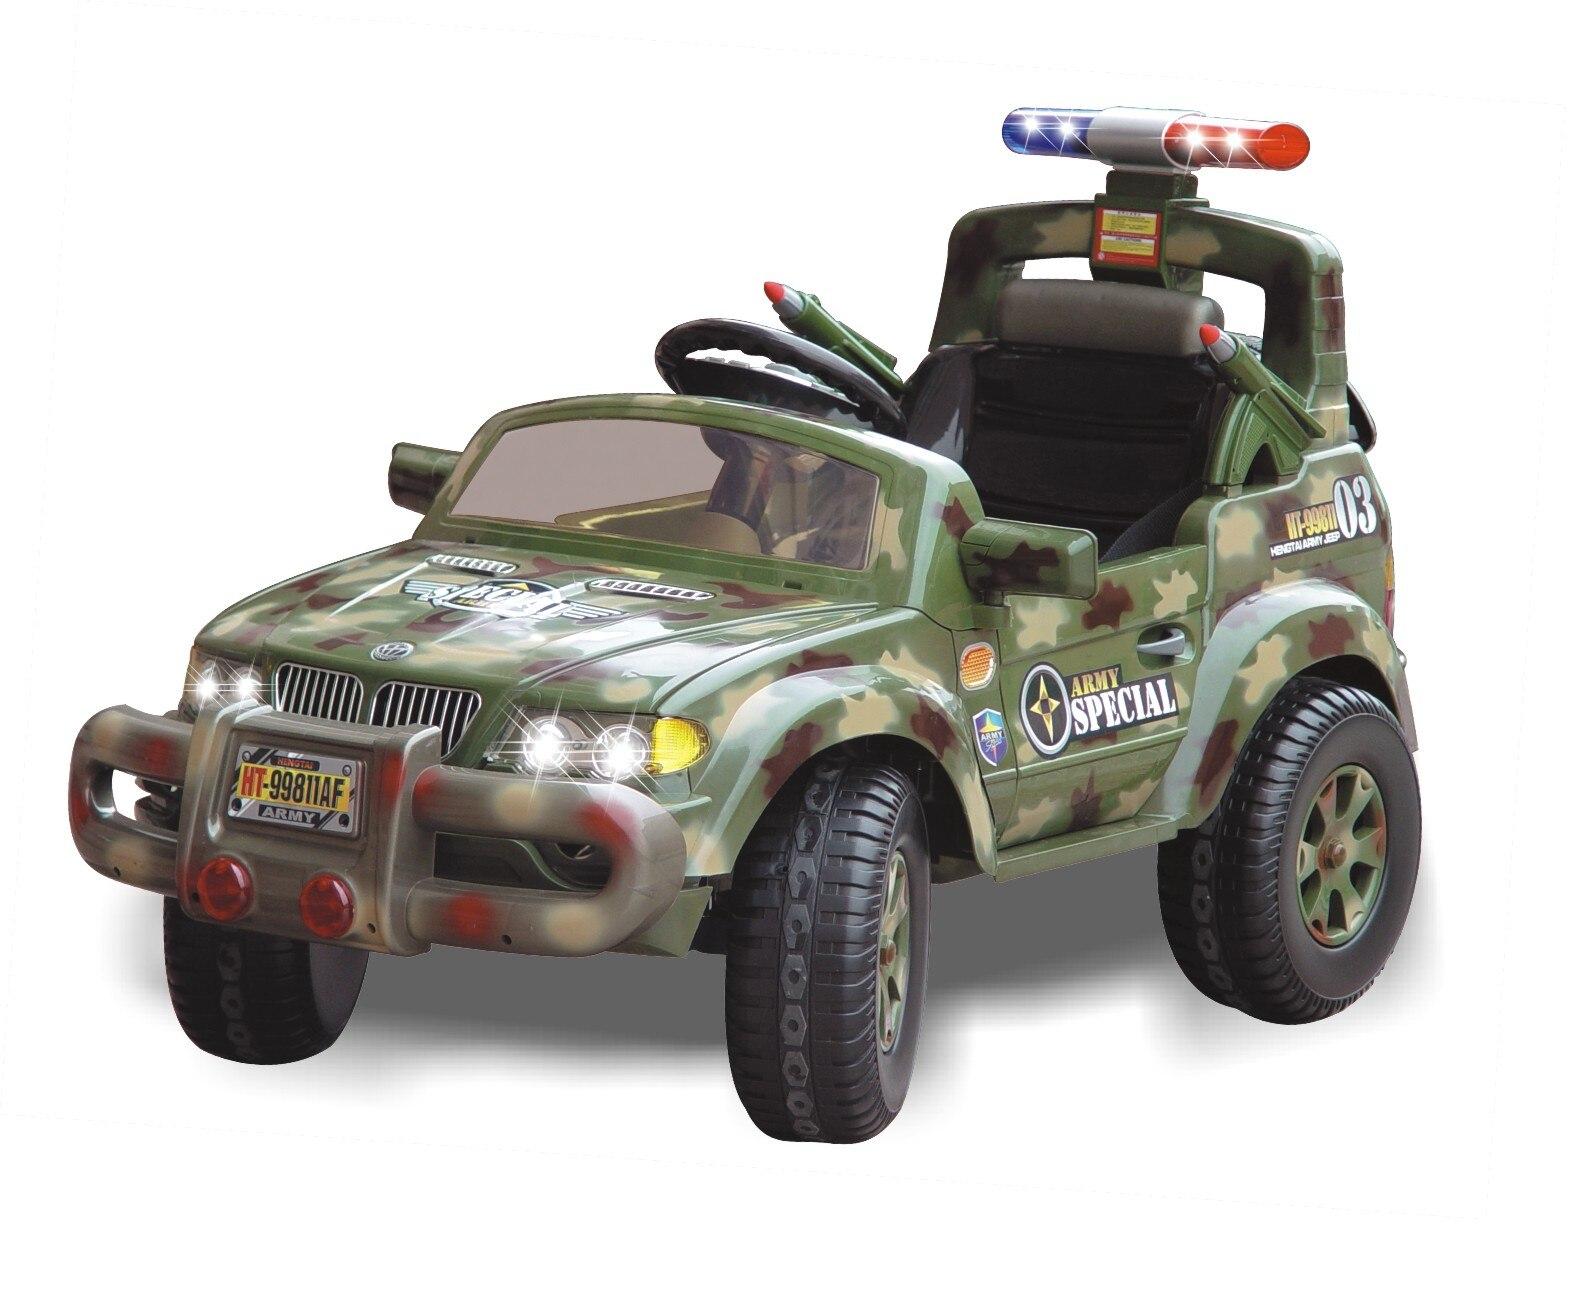 Quatre roues motrices enfants voitures électriques enfants voiture électrique tour sur 1-5 ans jouet d'équitation hors route Rechageable véhicule jouets